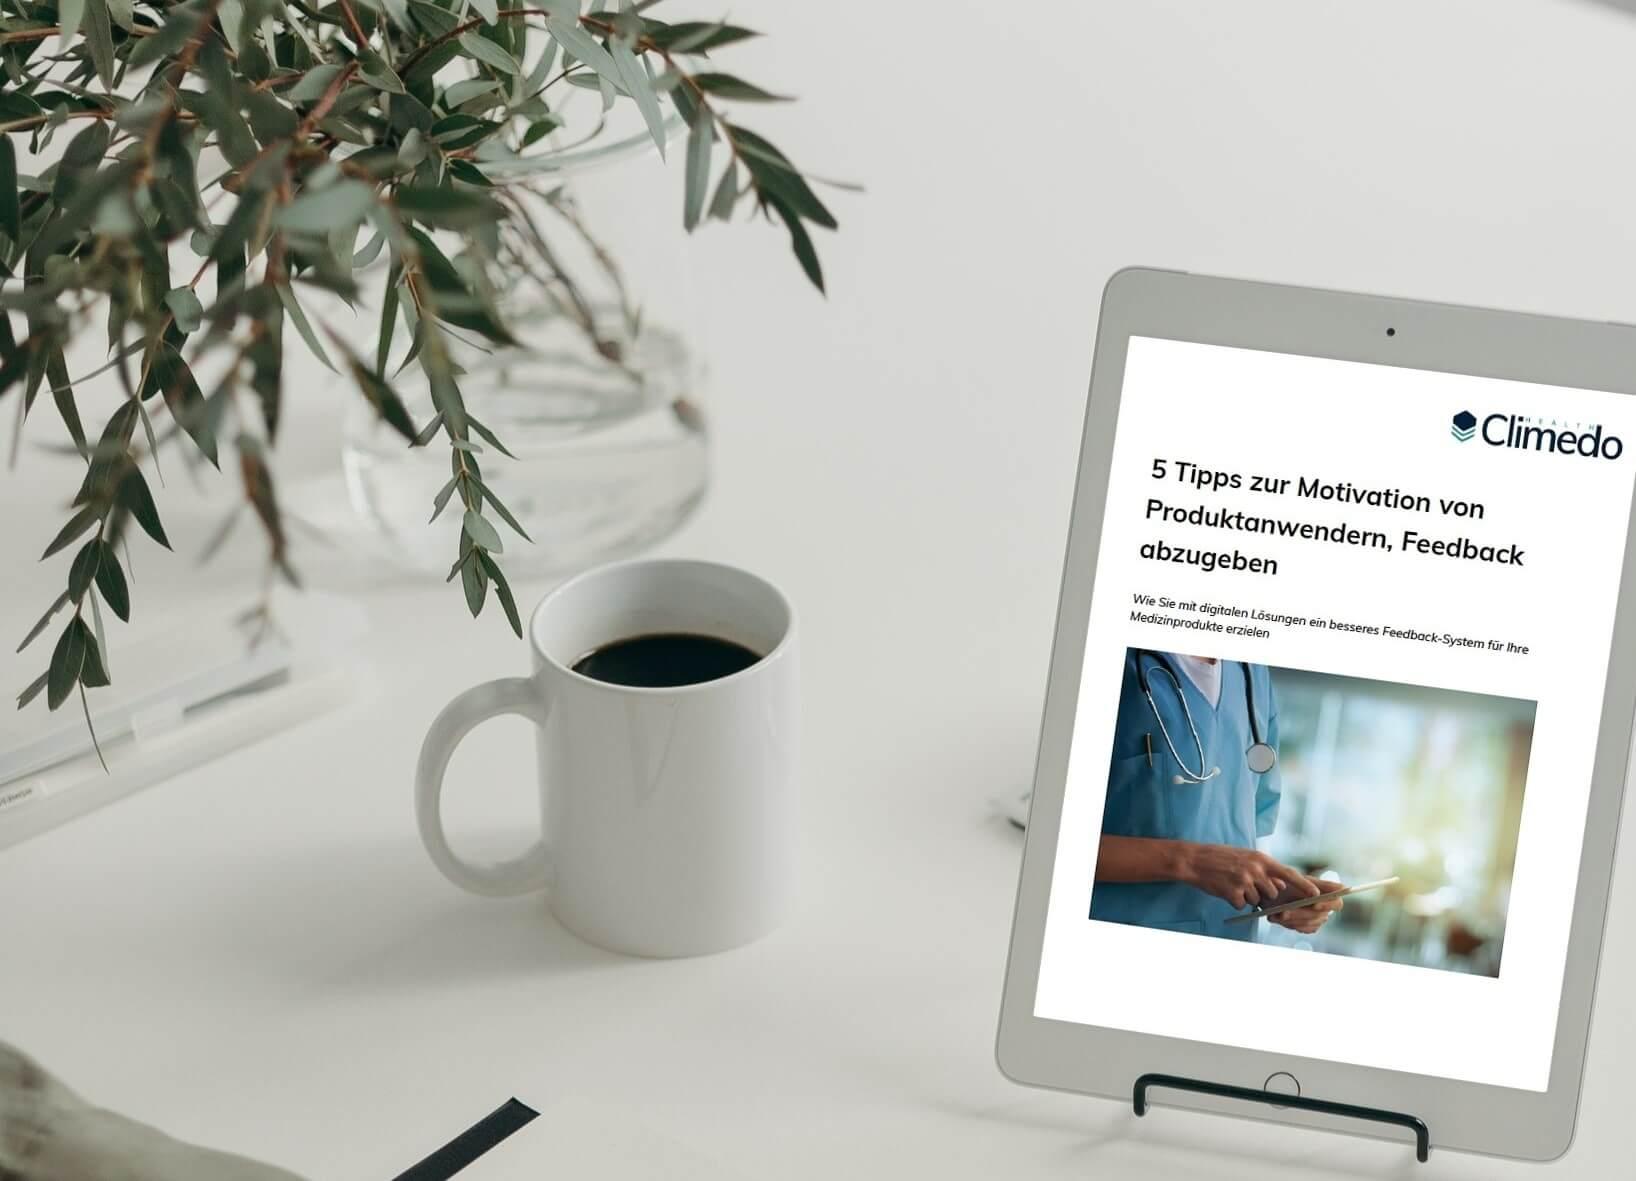 Neues Whitepaper: 5 Tipps zur Motivation von Produktanwendern, Feedback abzugeben